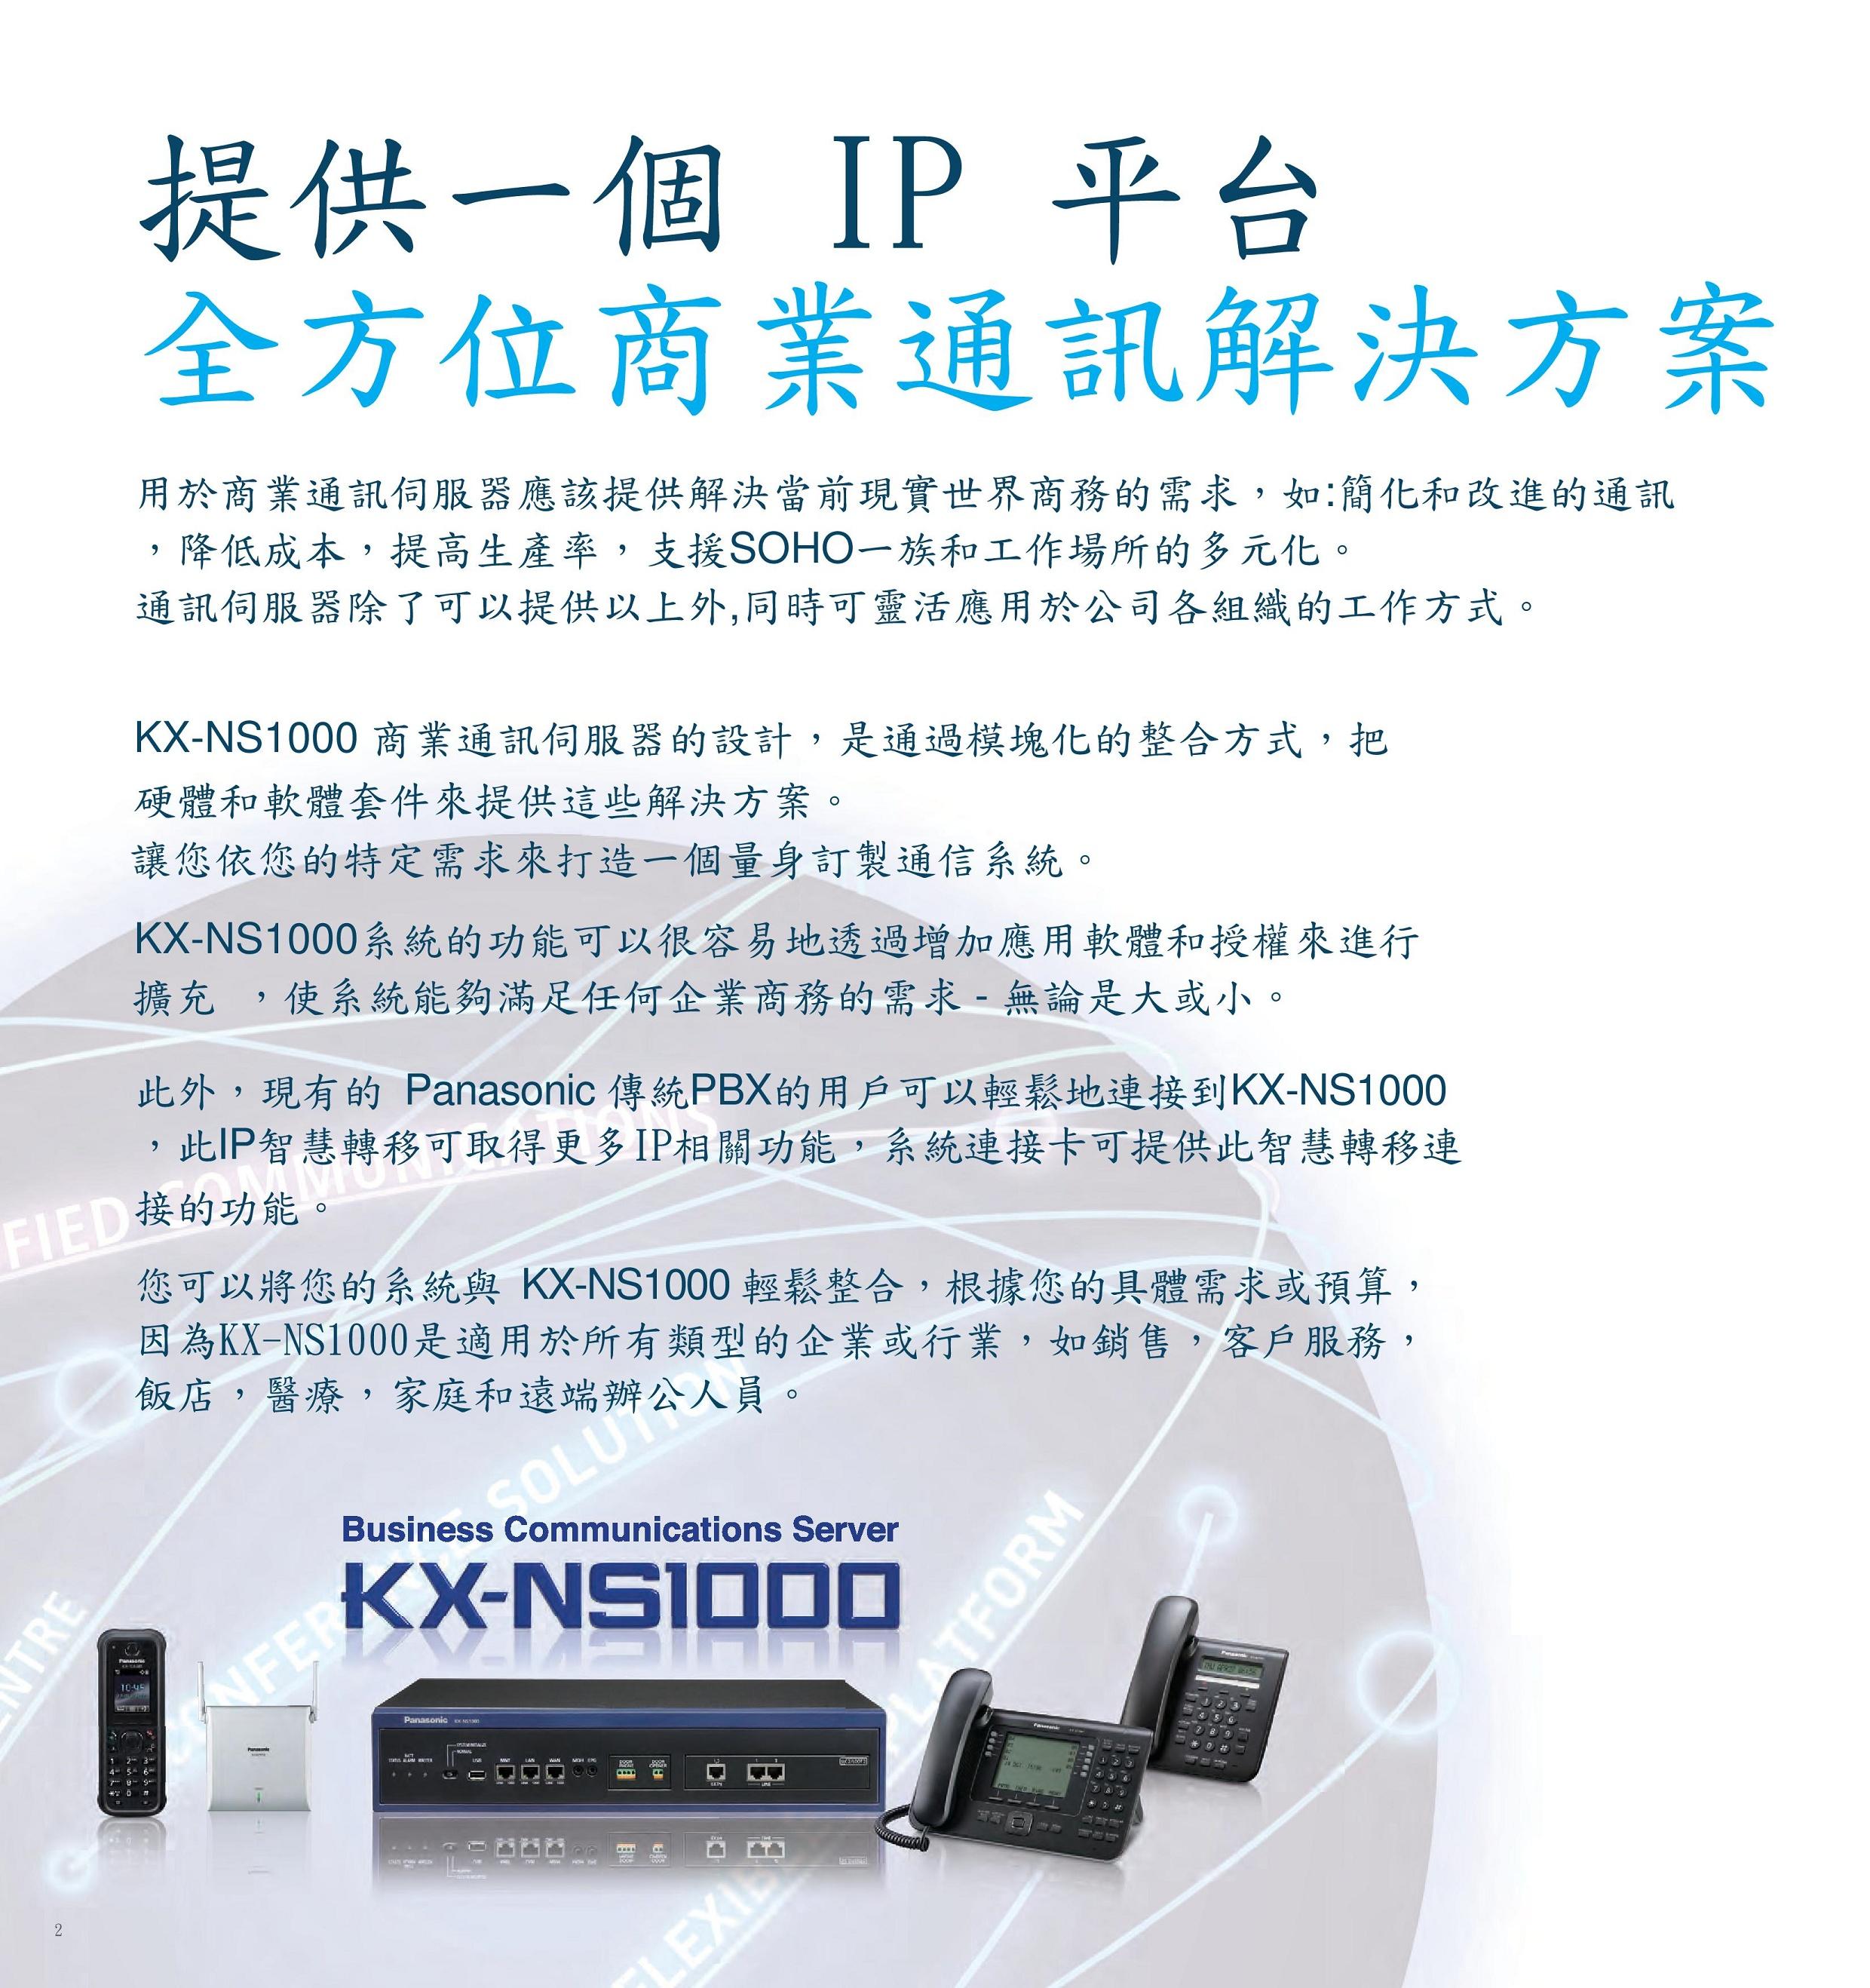 KX-NS1000_02